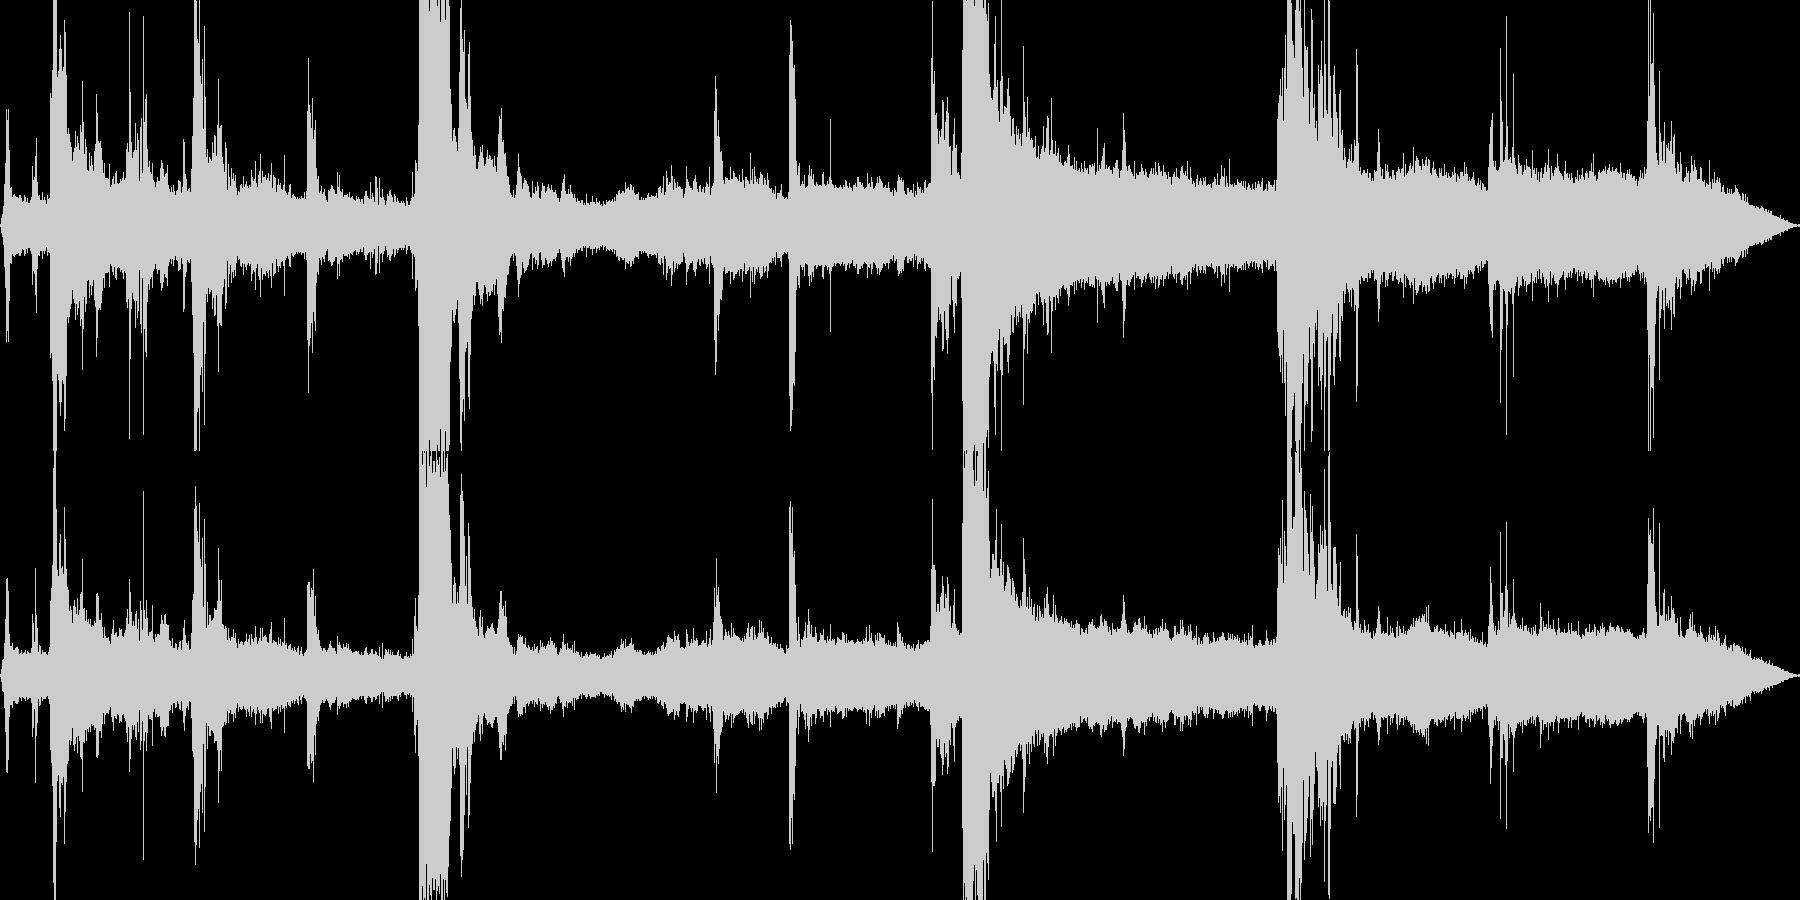 【自然音】大雨、落雷の音01の未再生の波形